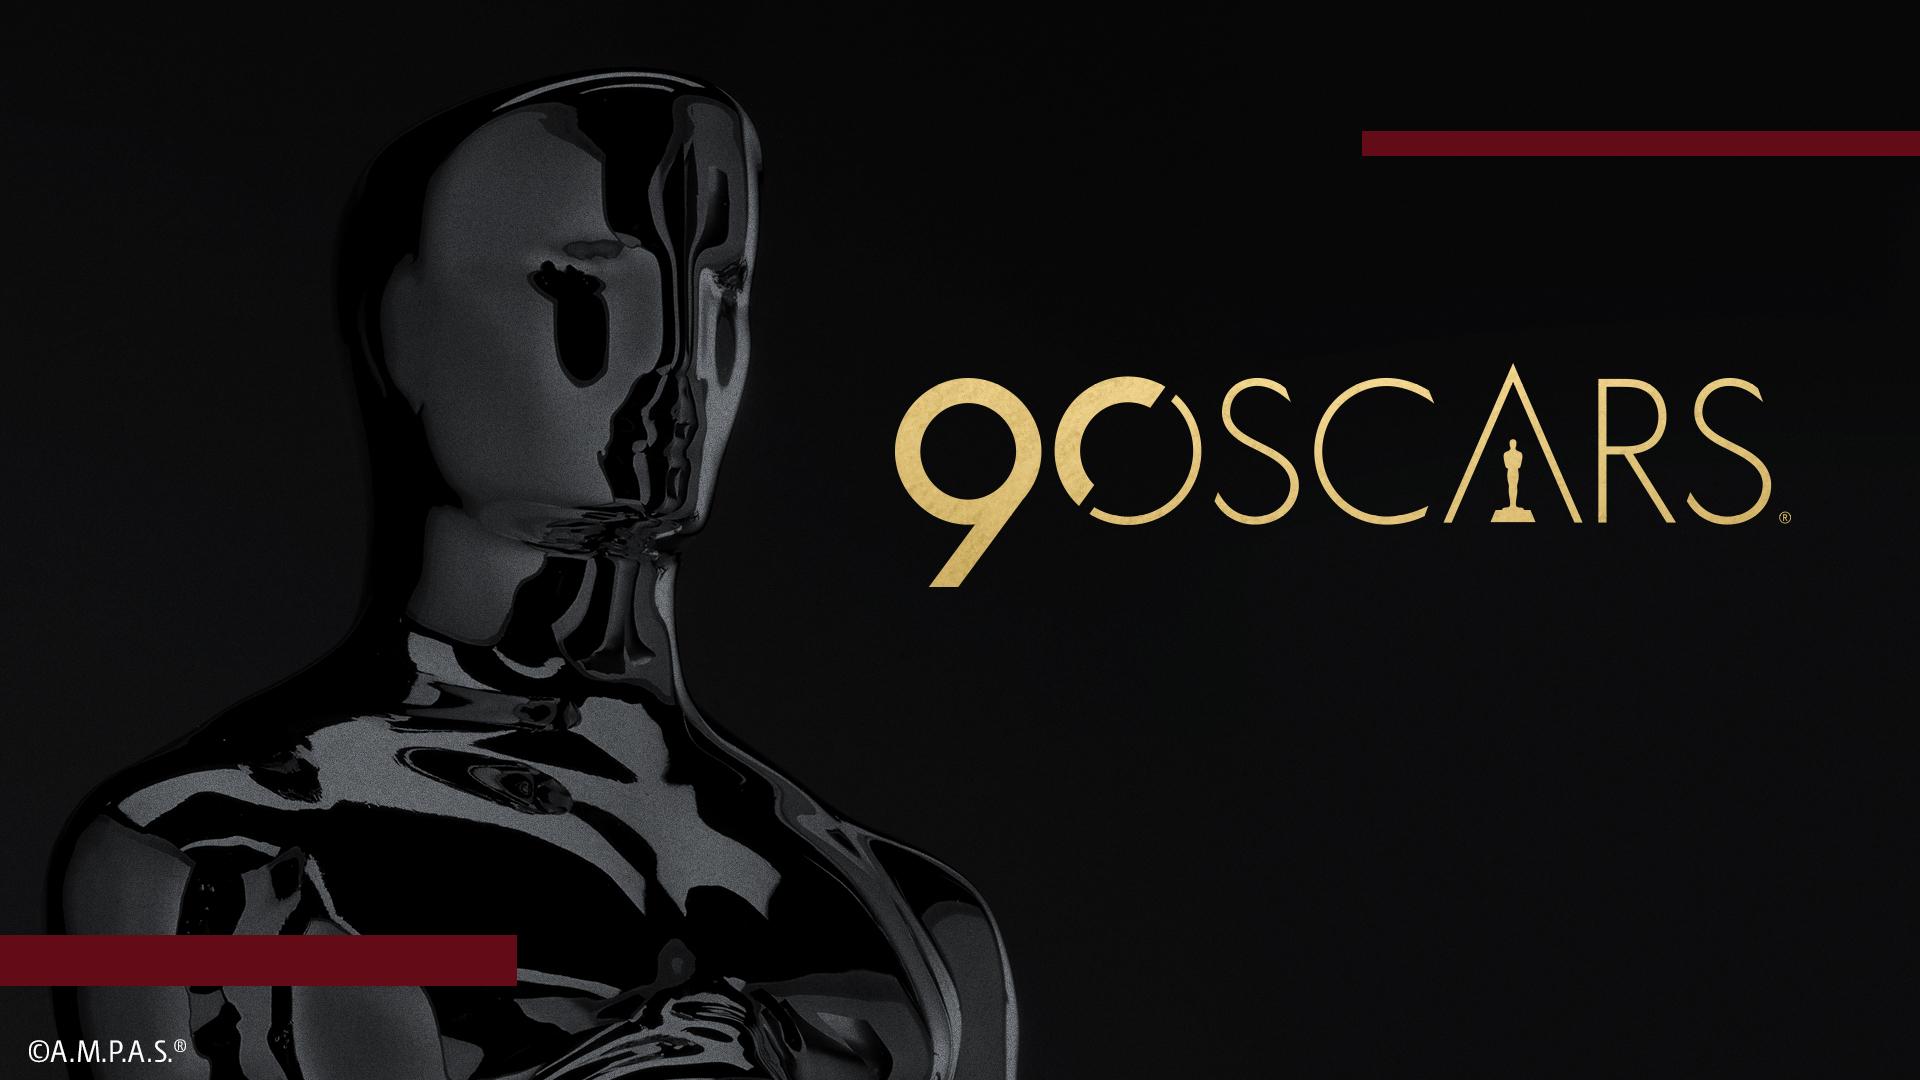 premiile-oscar-2018-lista-completa-a-nominalizarilor-la-cea-dea-90a-edii